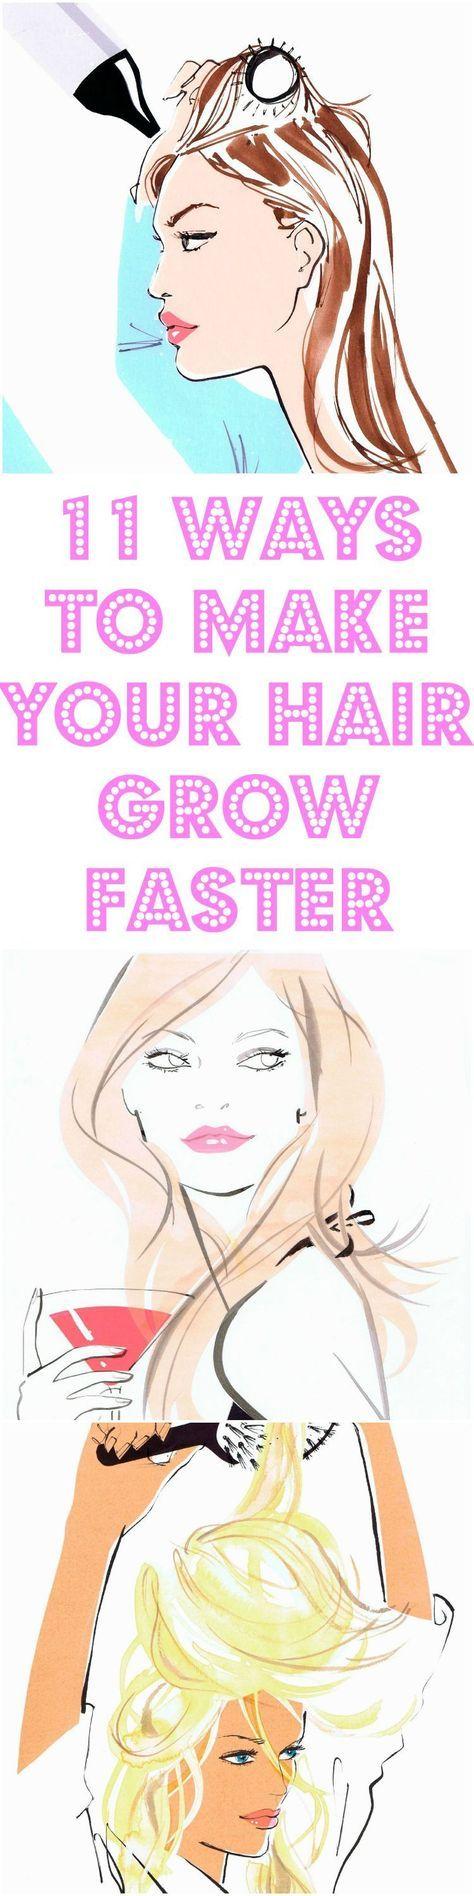 11 Ways To Make Your Hair Grow Faster #hair #hairtips #beauty #longhair